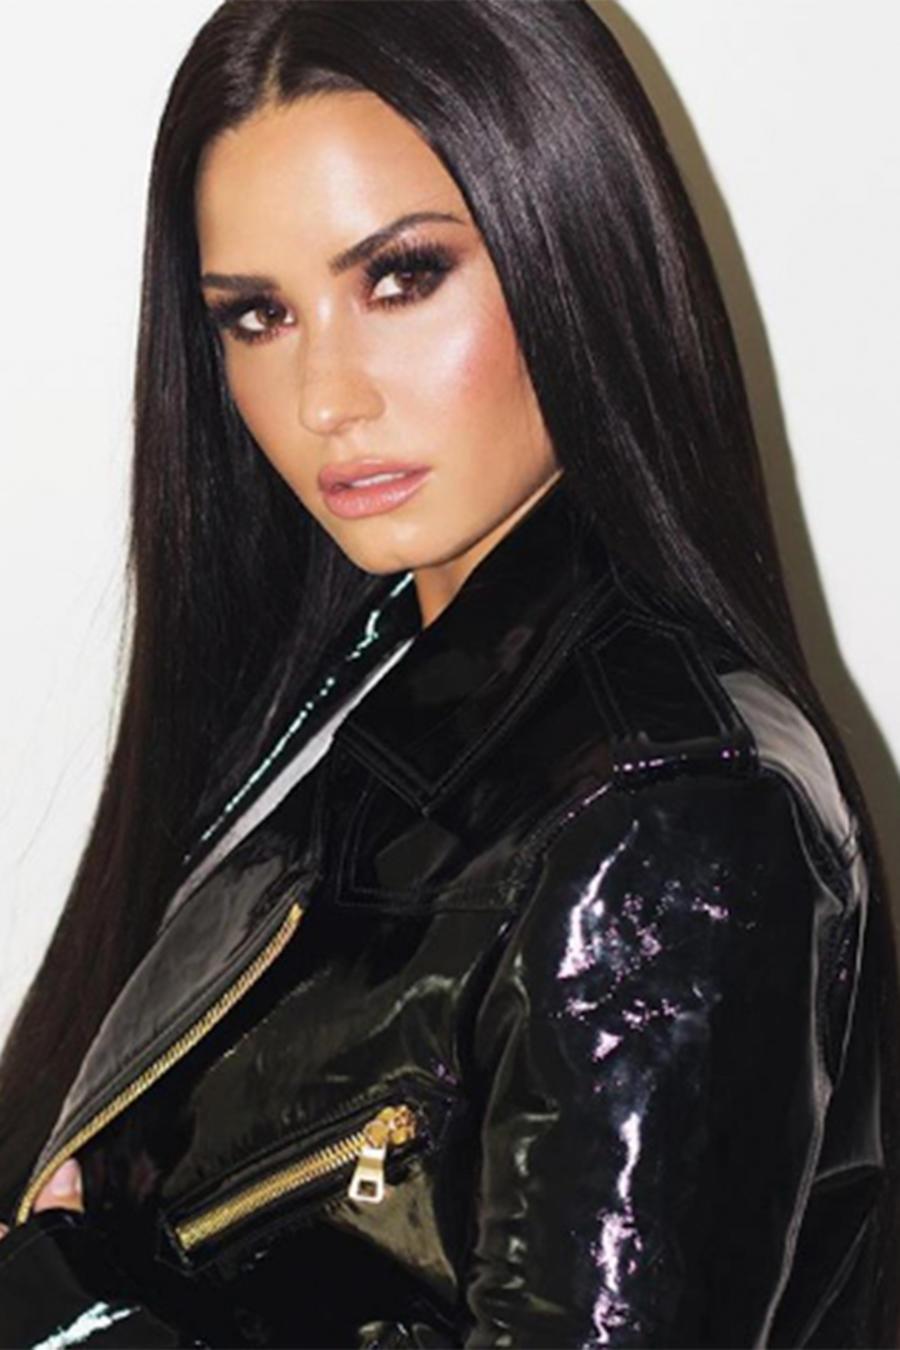 Demi Lovato and 21 Savage